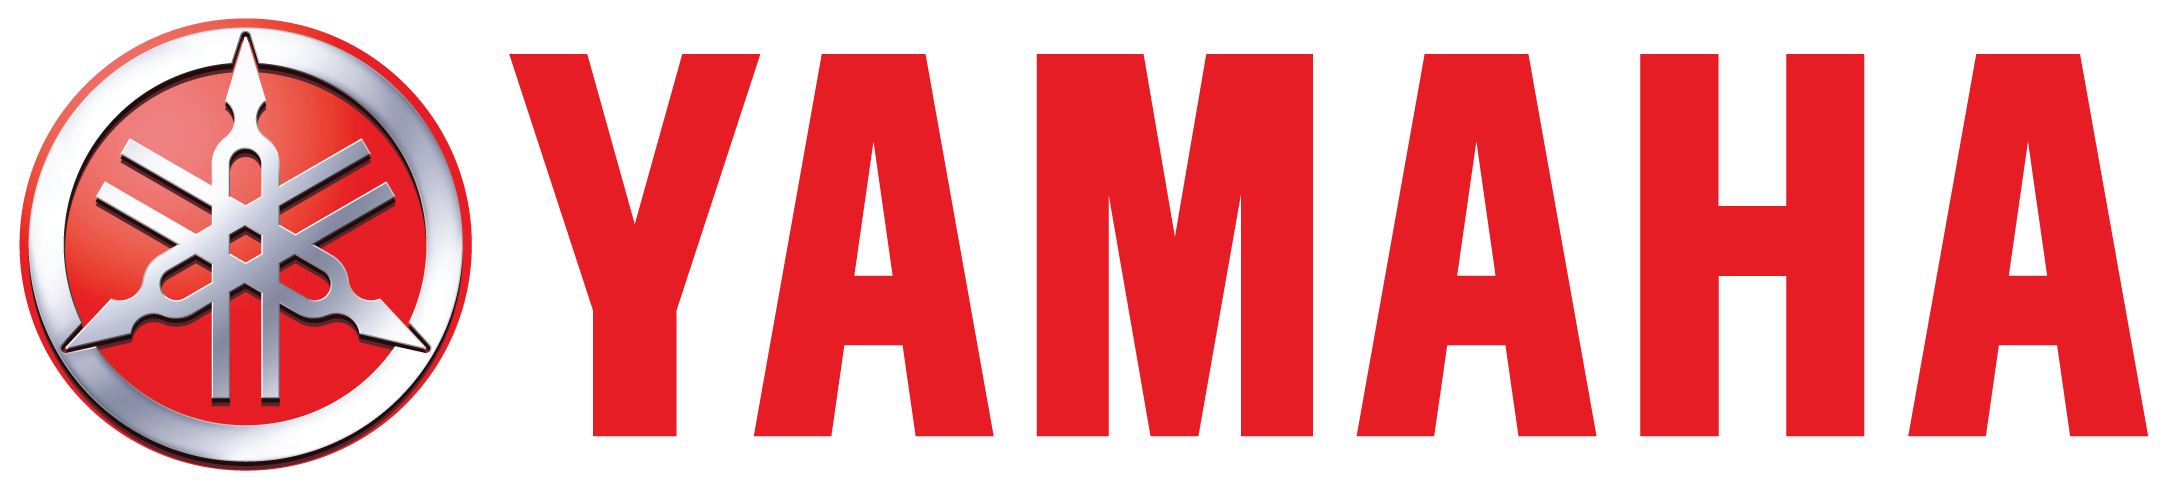 yamaha logo 1 1 - Yamaha Motor Logo